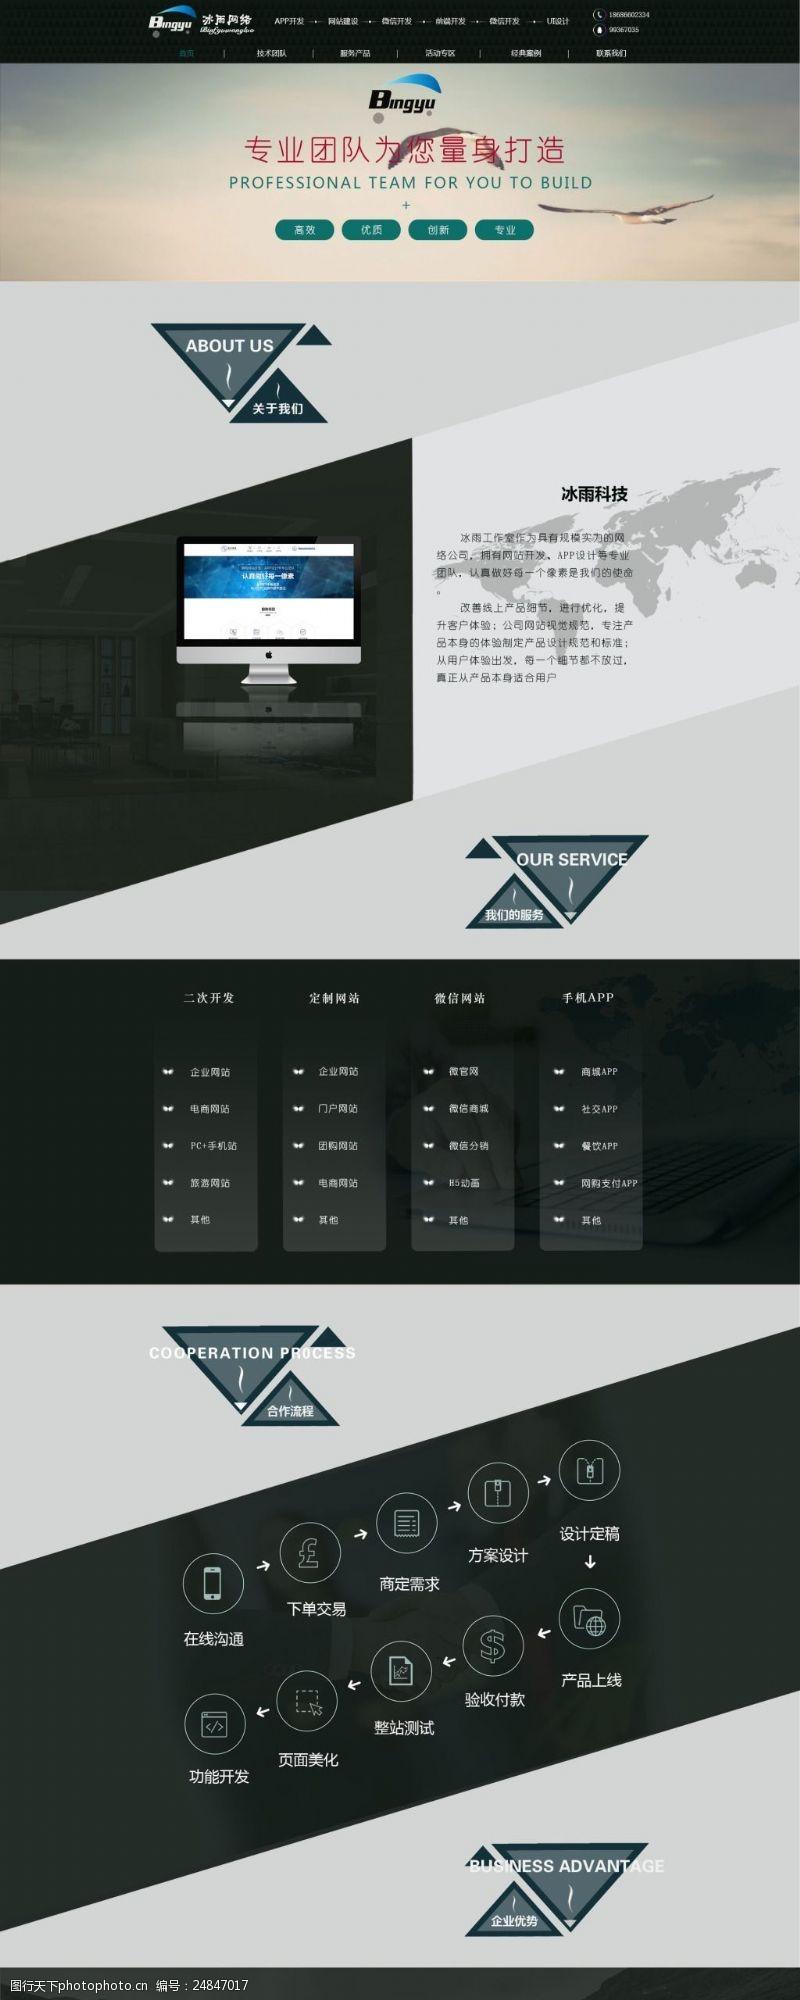 高大注射站图片素材微上网成型工艺及模具设计图片